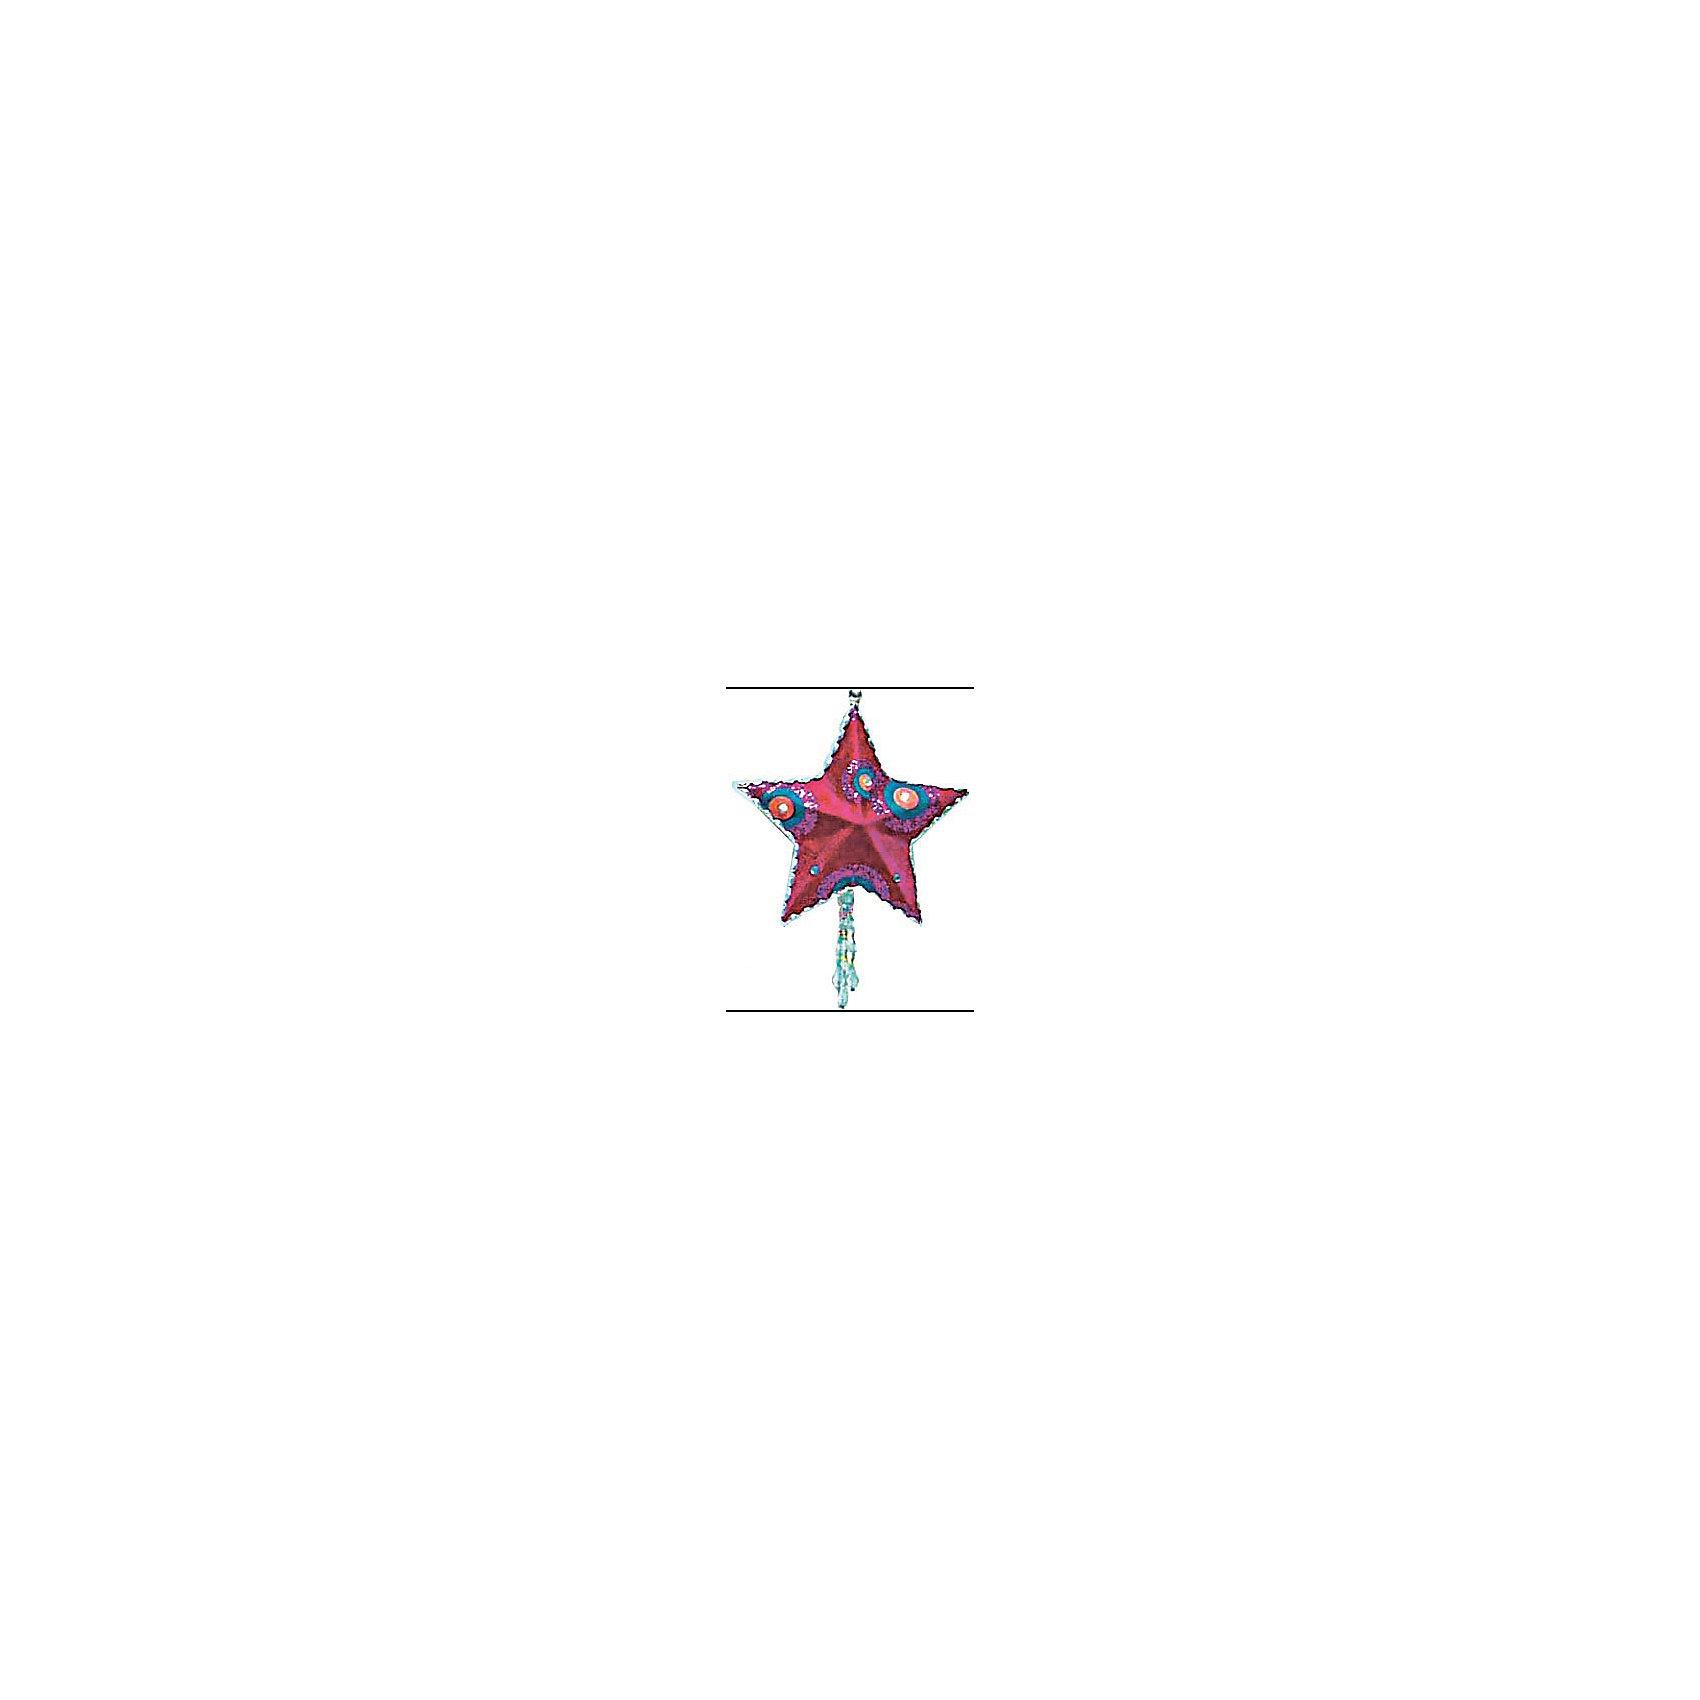 Marko Ferenzo Украшение Детская: звезда флок, 13 см marko ferenzo набор желудей 3 шт grande 4 см золотой